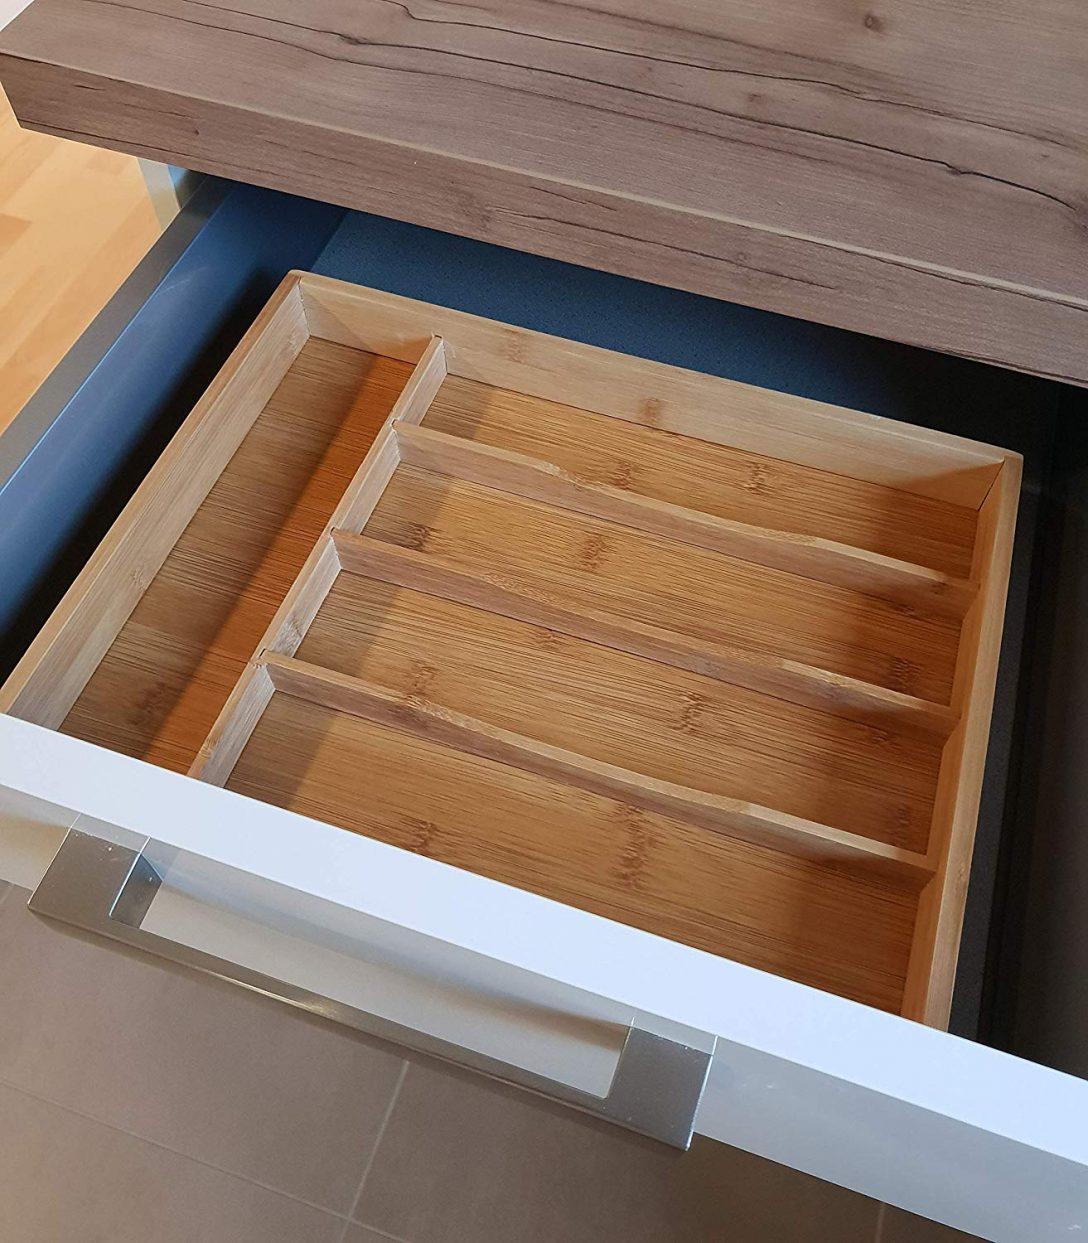 Full Size of Sofa Hersteller Schubladeneinsatz Küche Wohnzimmer Schubladeneinsatz Teller